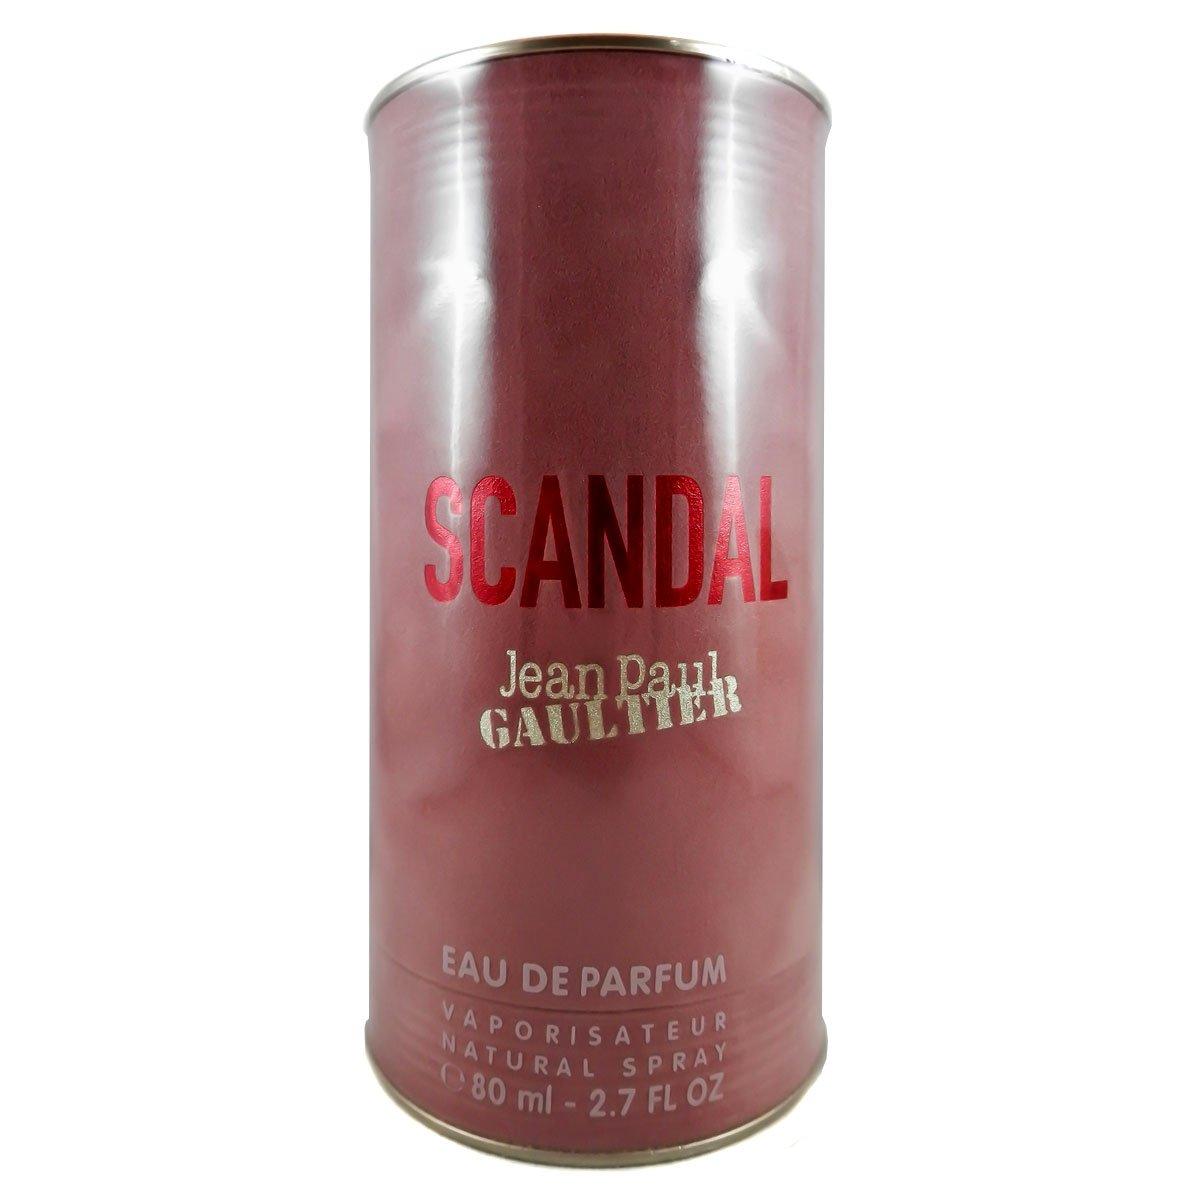 Jean Paul Gaultier Scandal For Women Eau de Parfum 2.7oz / 80ml New In Box Launched In 2017